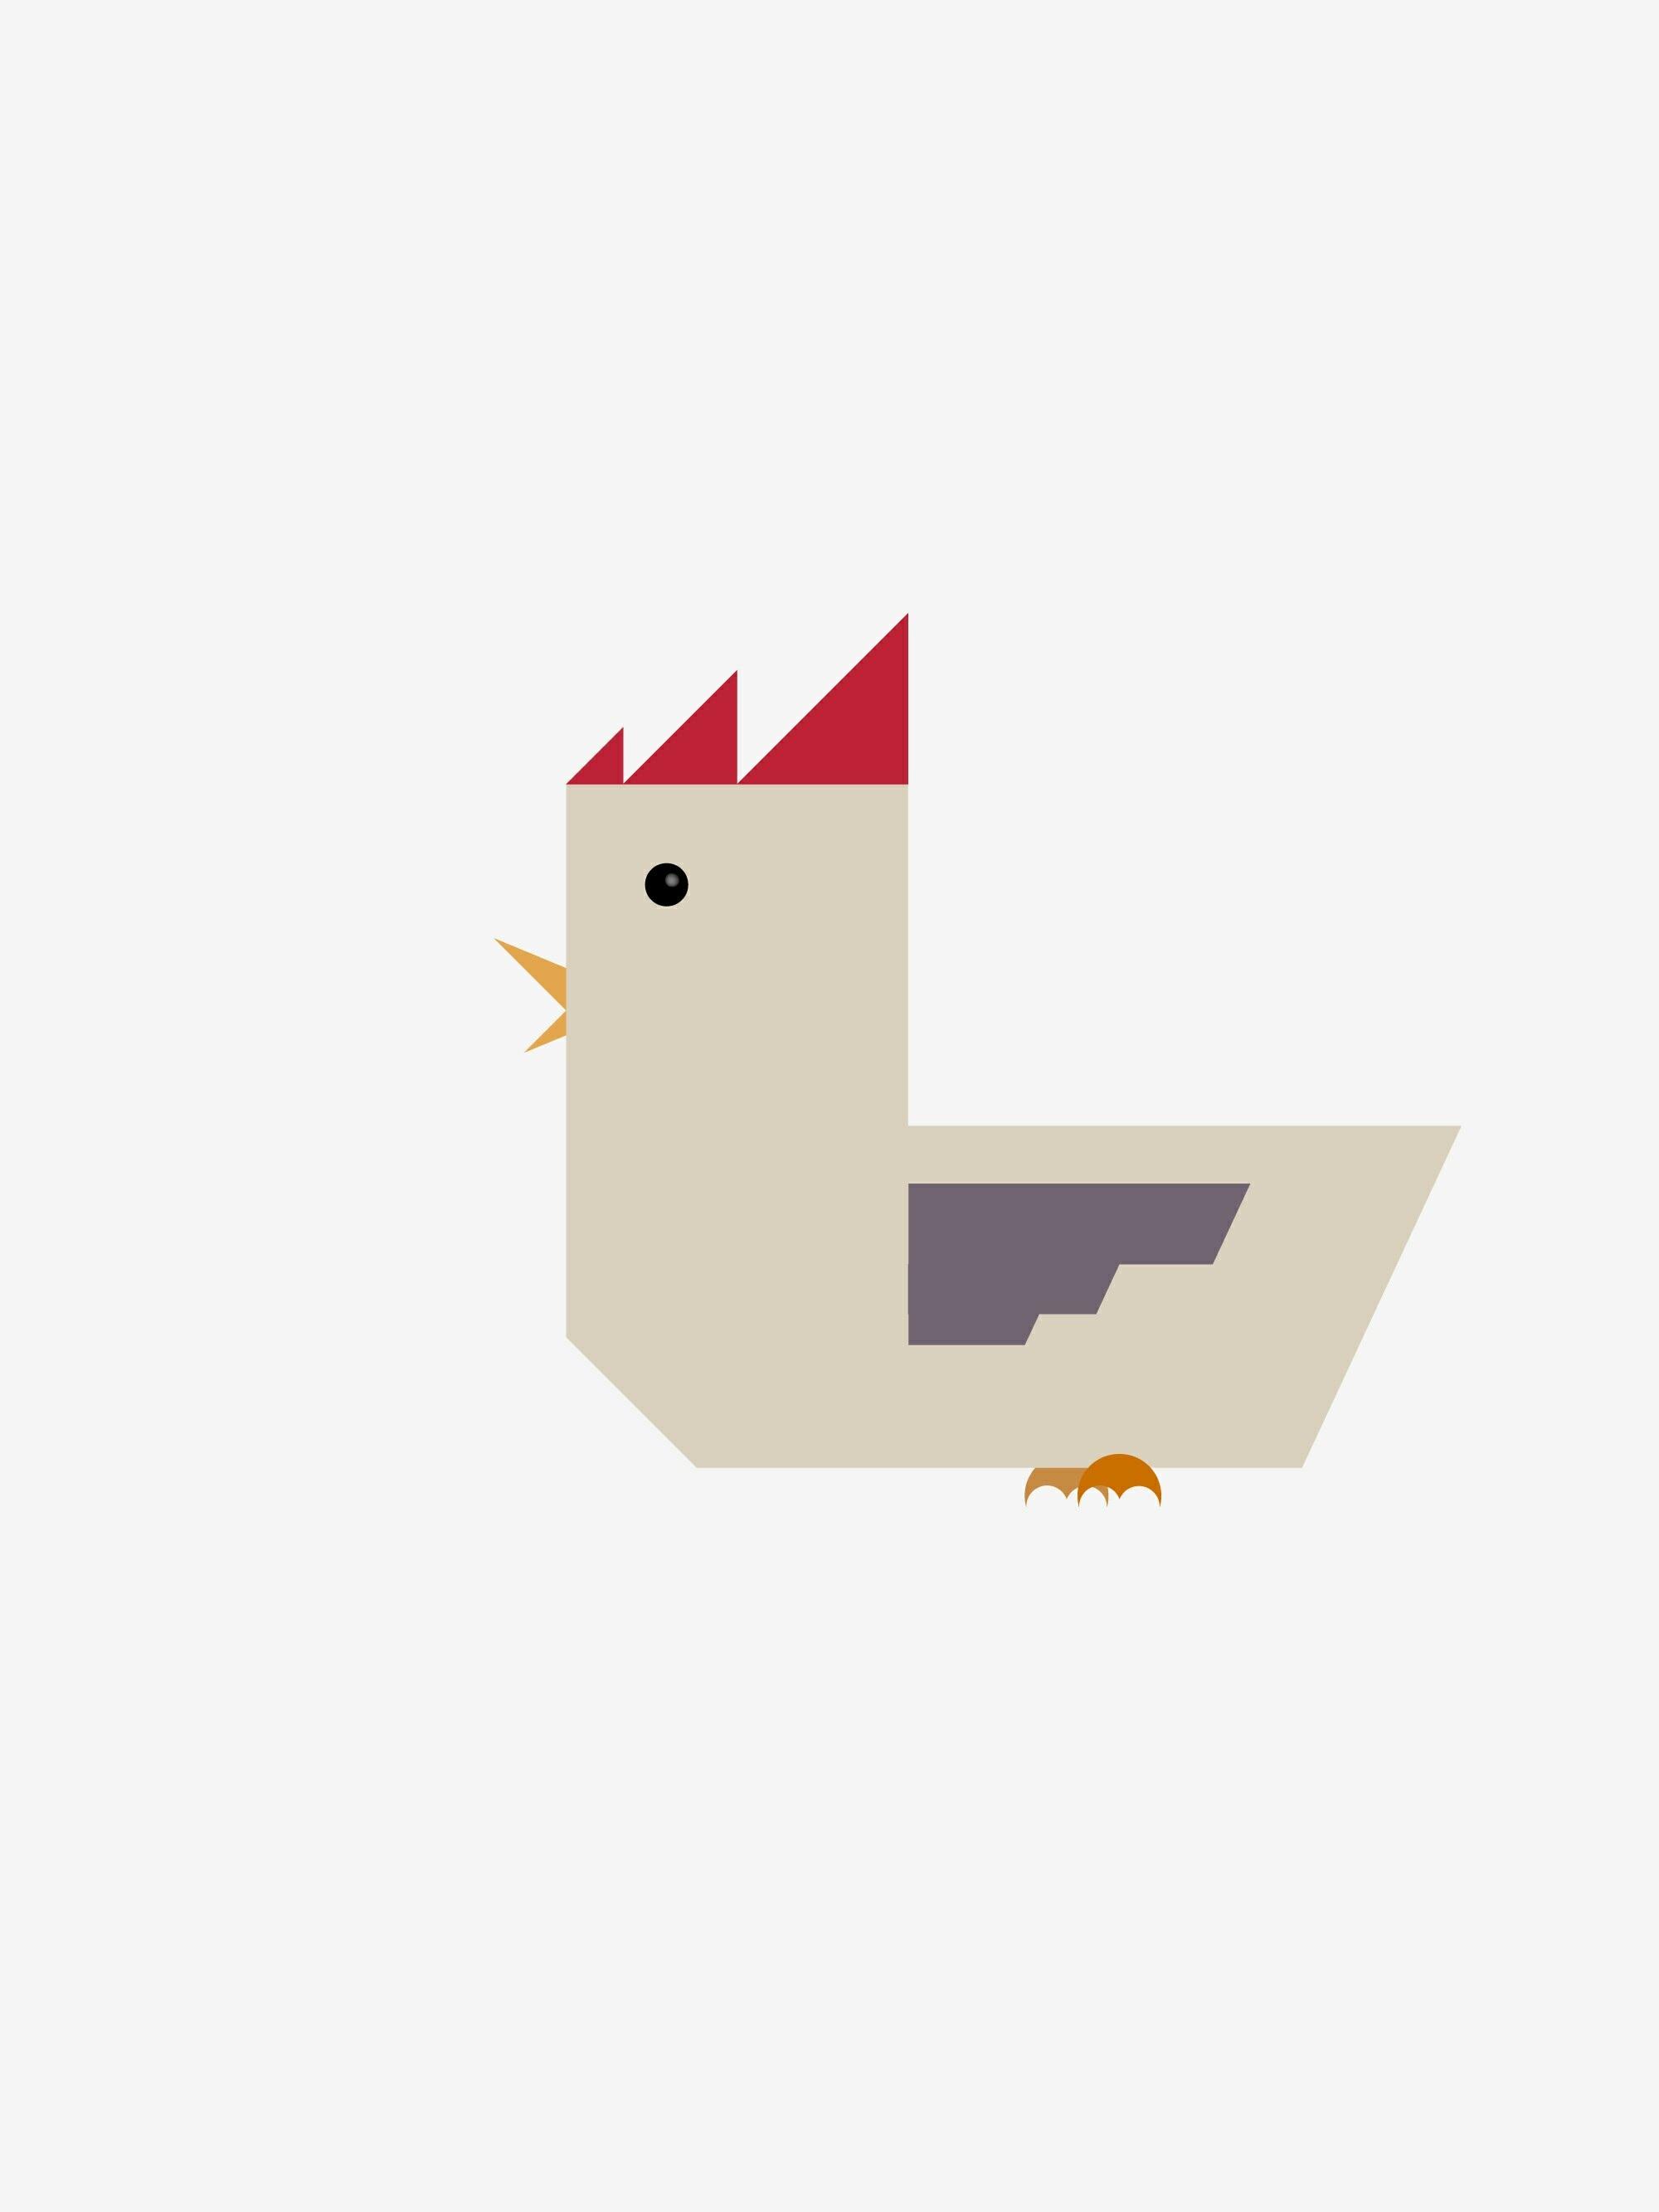 Gambar Palu Ayam Merek Fon Seni Ilustrasi Logo Diagram